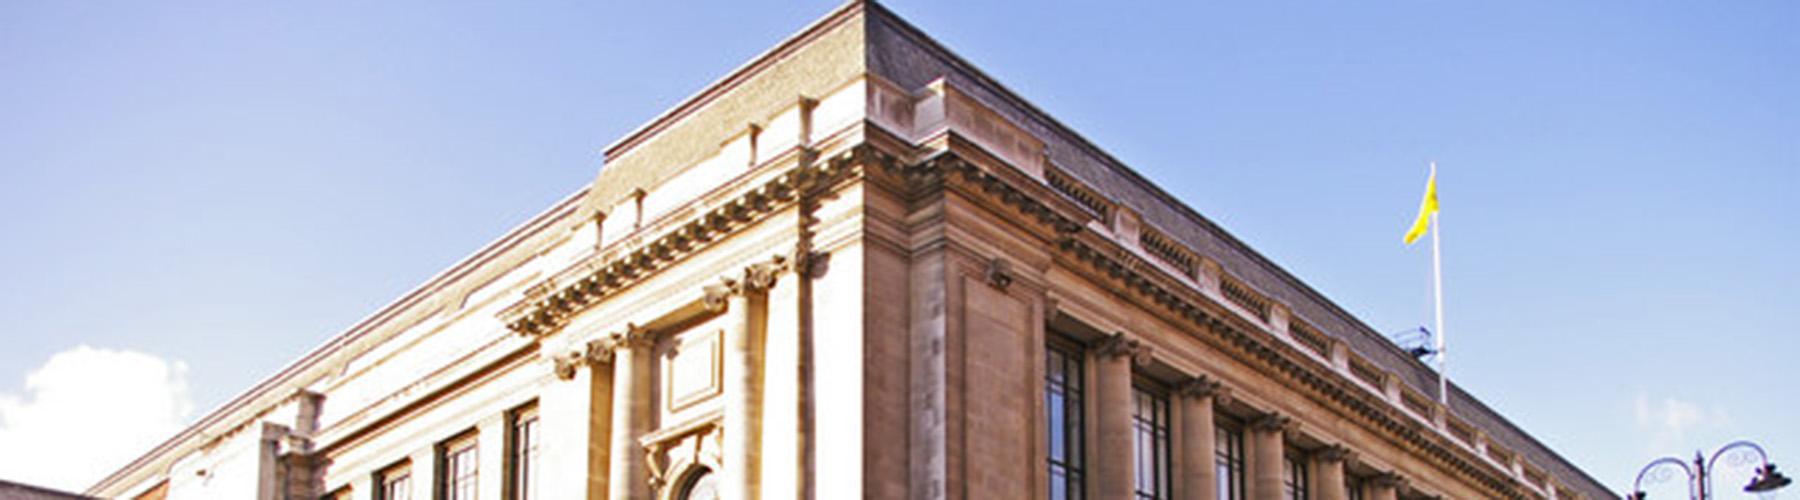 런던 - 과학 박물관에 가까운 아파트. 런던의 지도, 런던에 위치한 아파트에 대한 사진 및 리뷰.